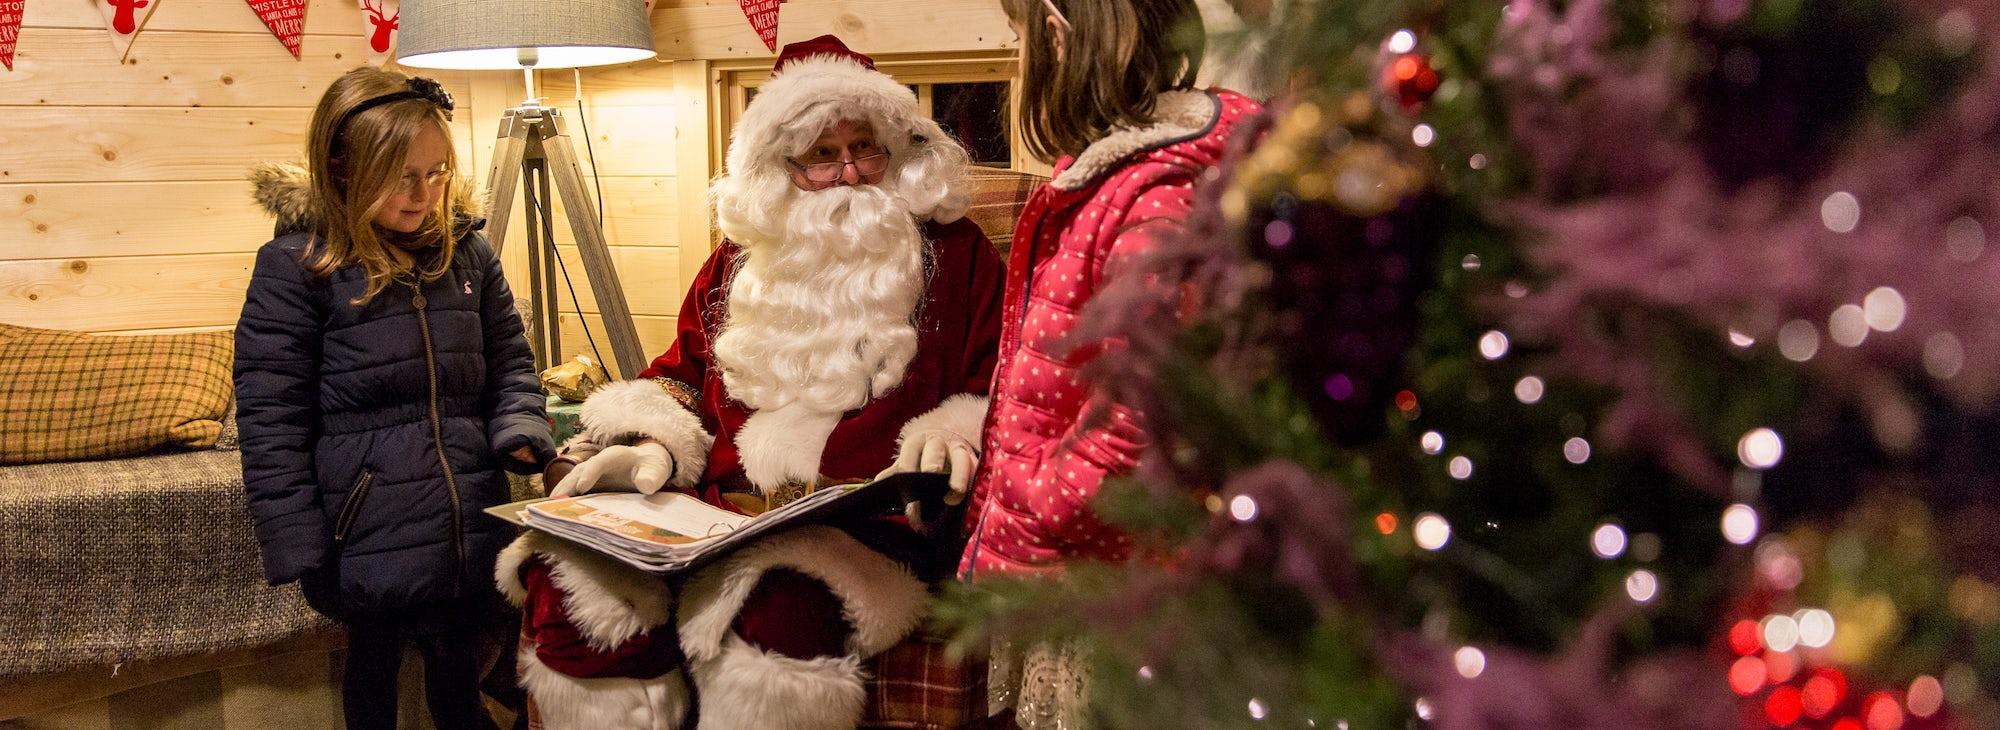 Santa Midweek Breaks